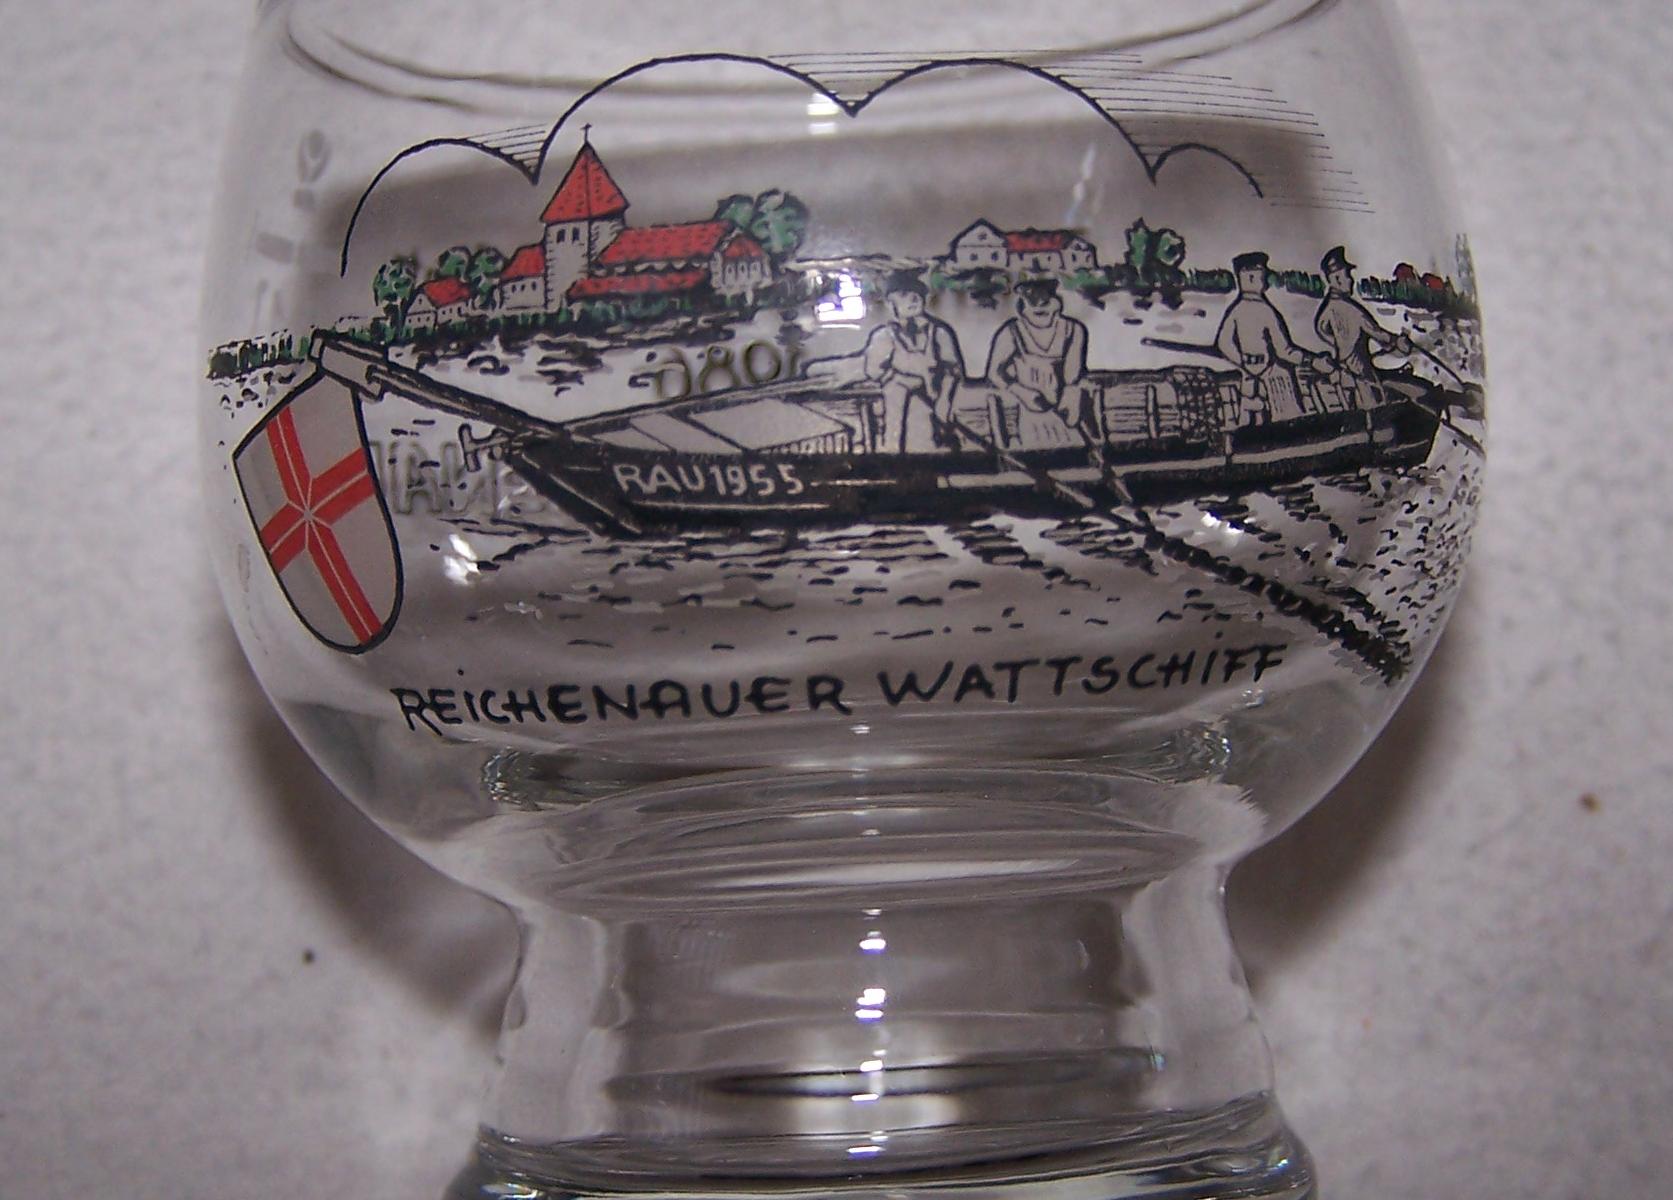 Haushalt - servieren - Souvenirs - Weinglas - Insel Reichenau - Reichenauer Wattschiff